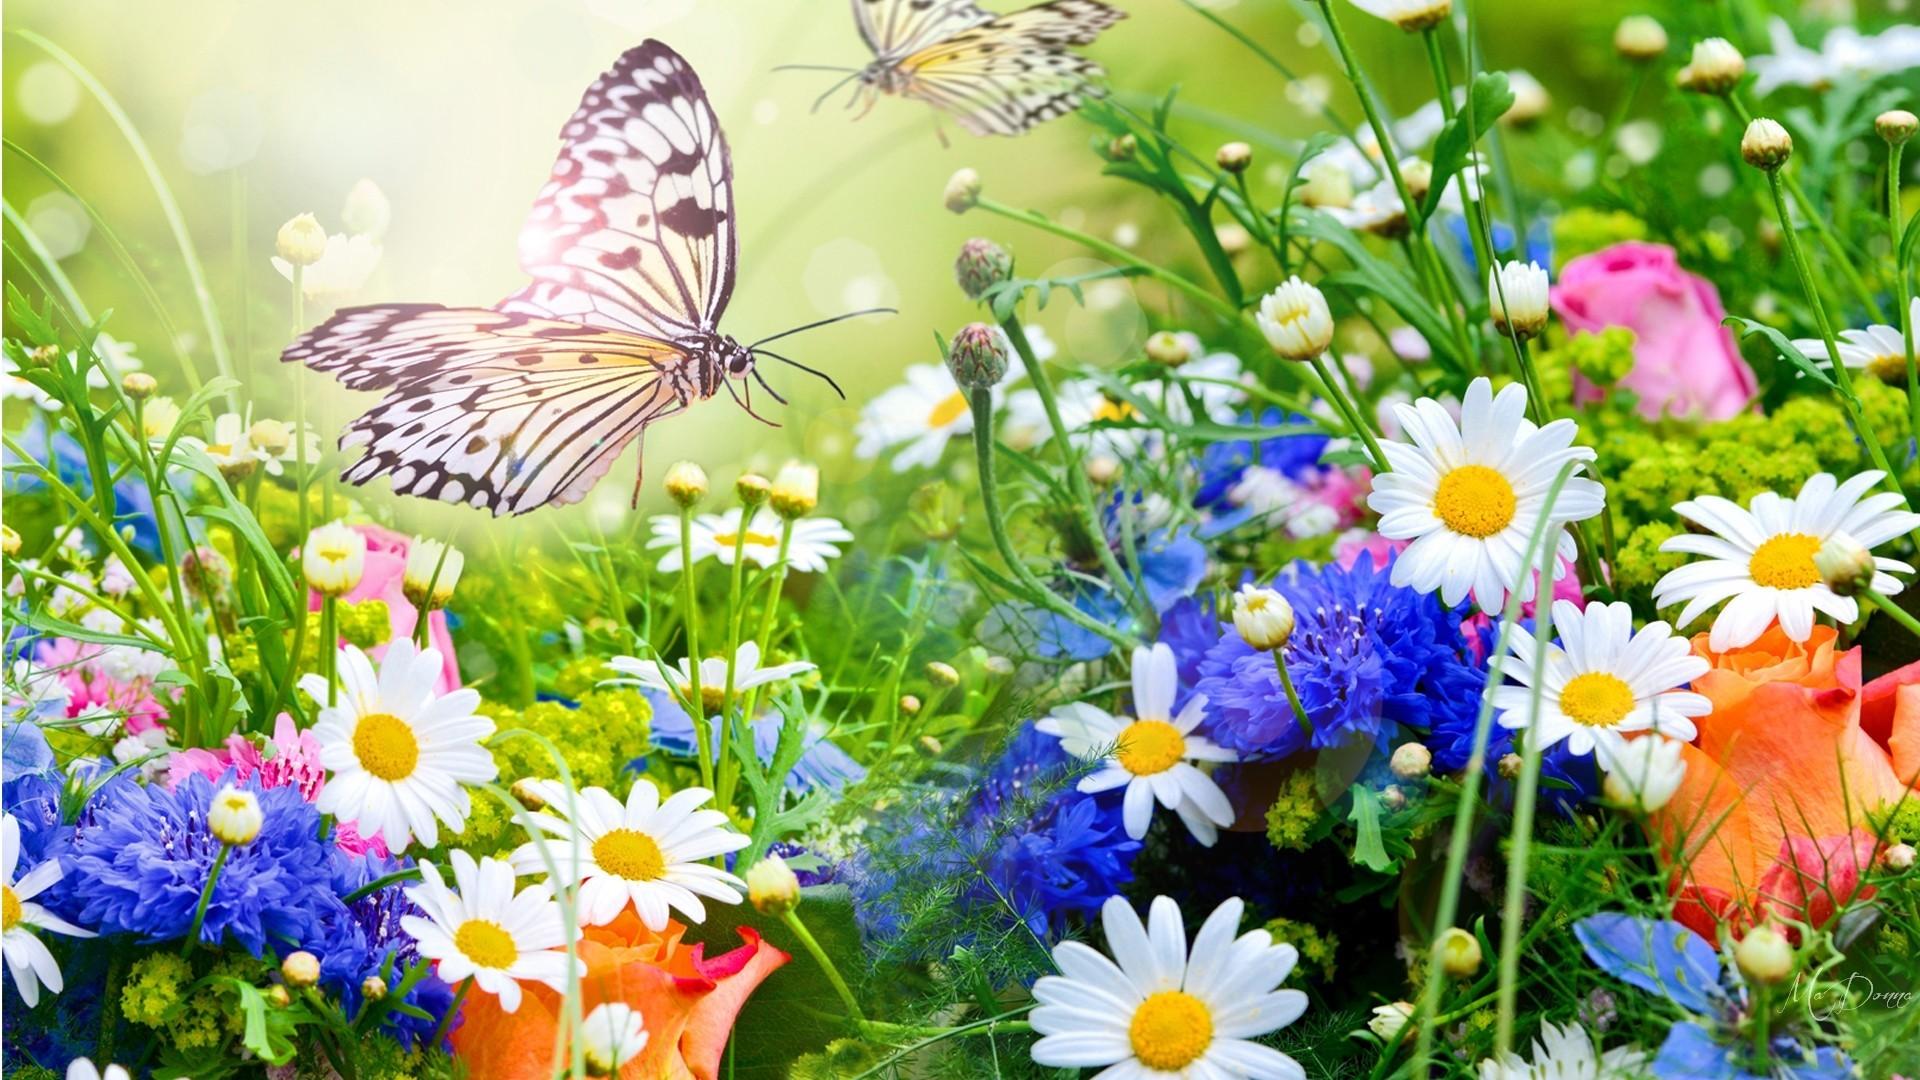 Colorful Summer Desktop Backgrounds: Summer Flower Backgrounds (54+ Pictures